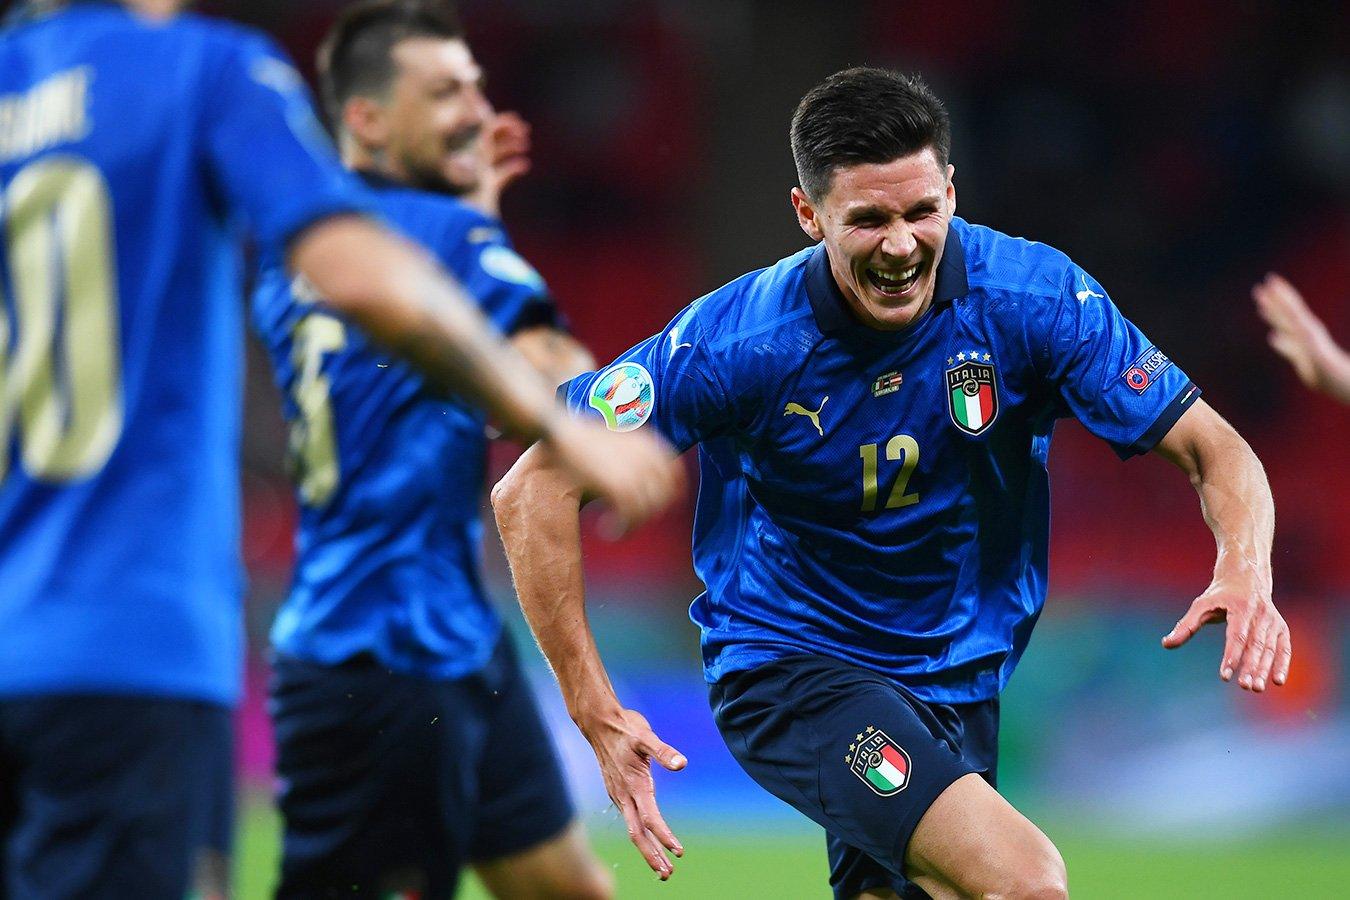 Италия обыграла Австрию в дополнительное время и вышла в 1/4 финала Евро-2020